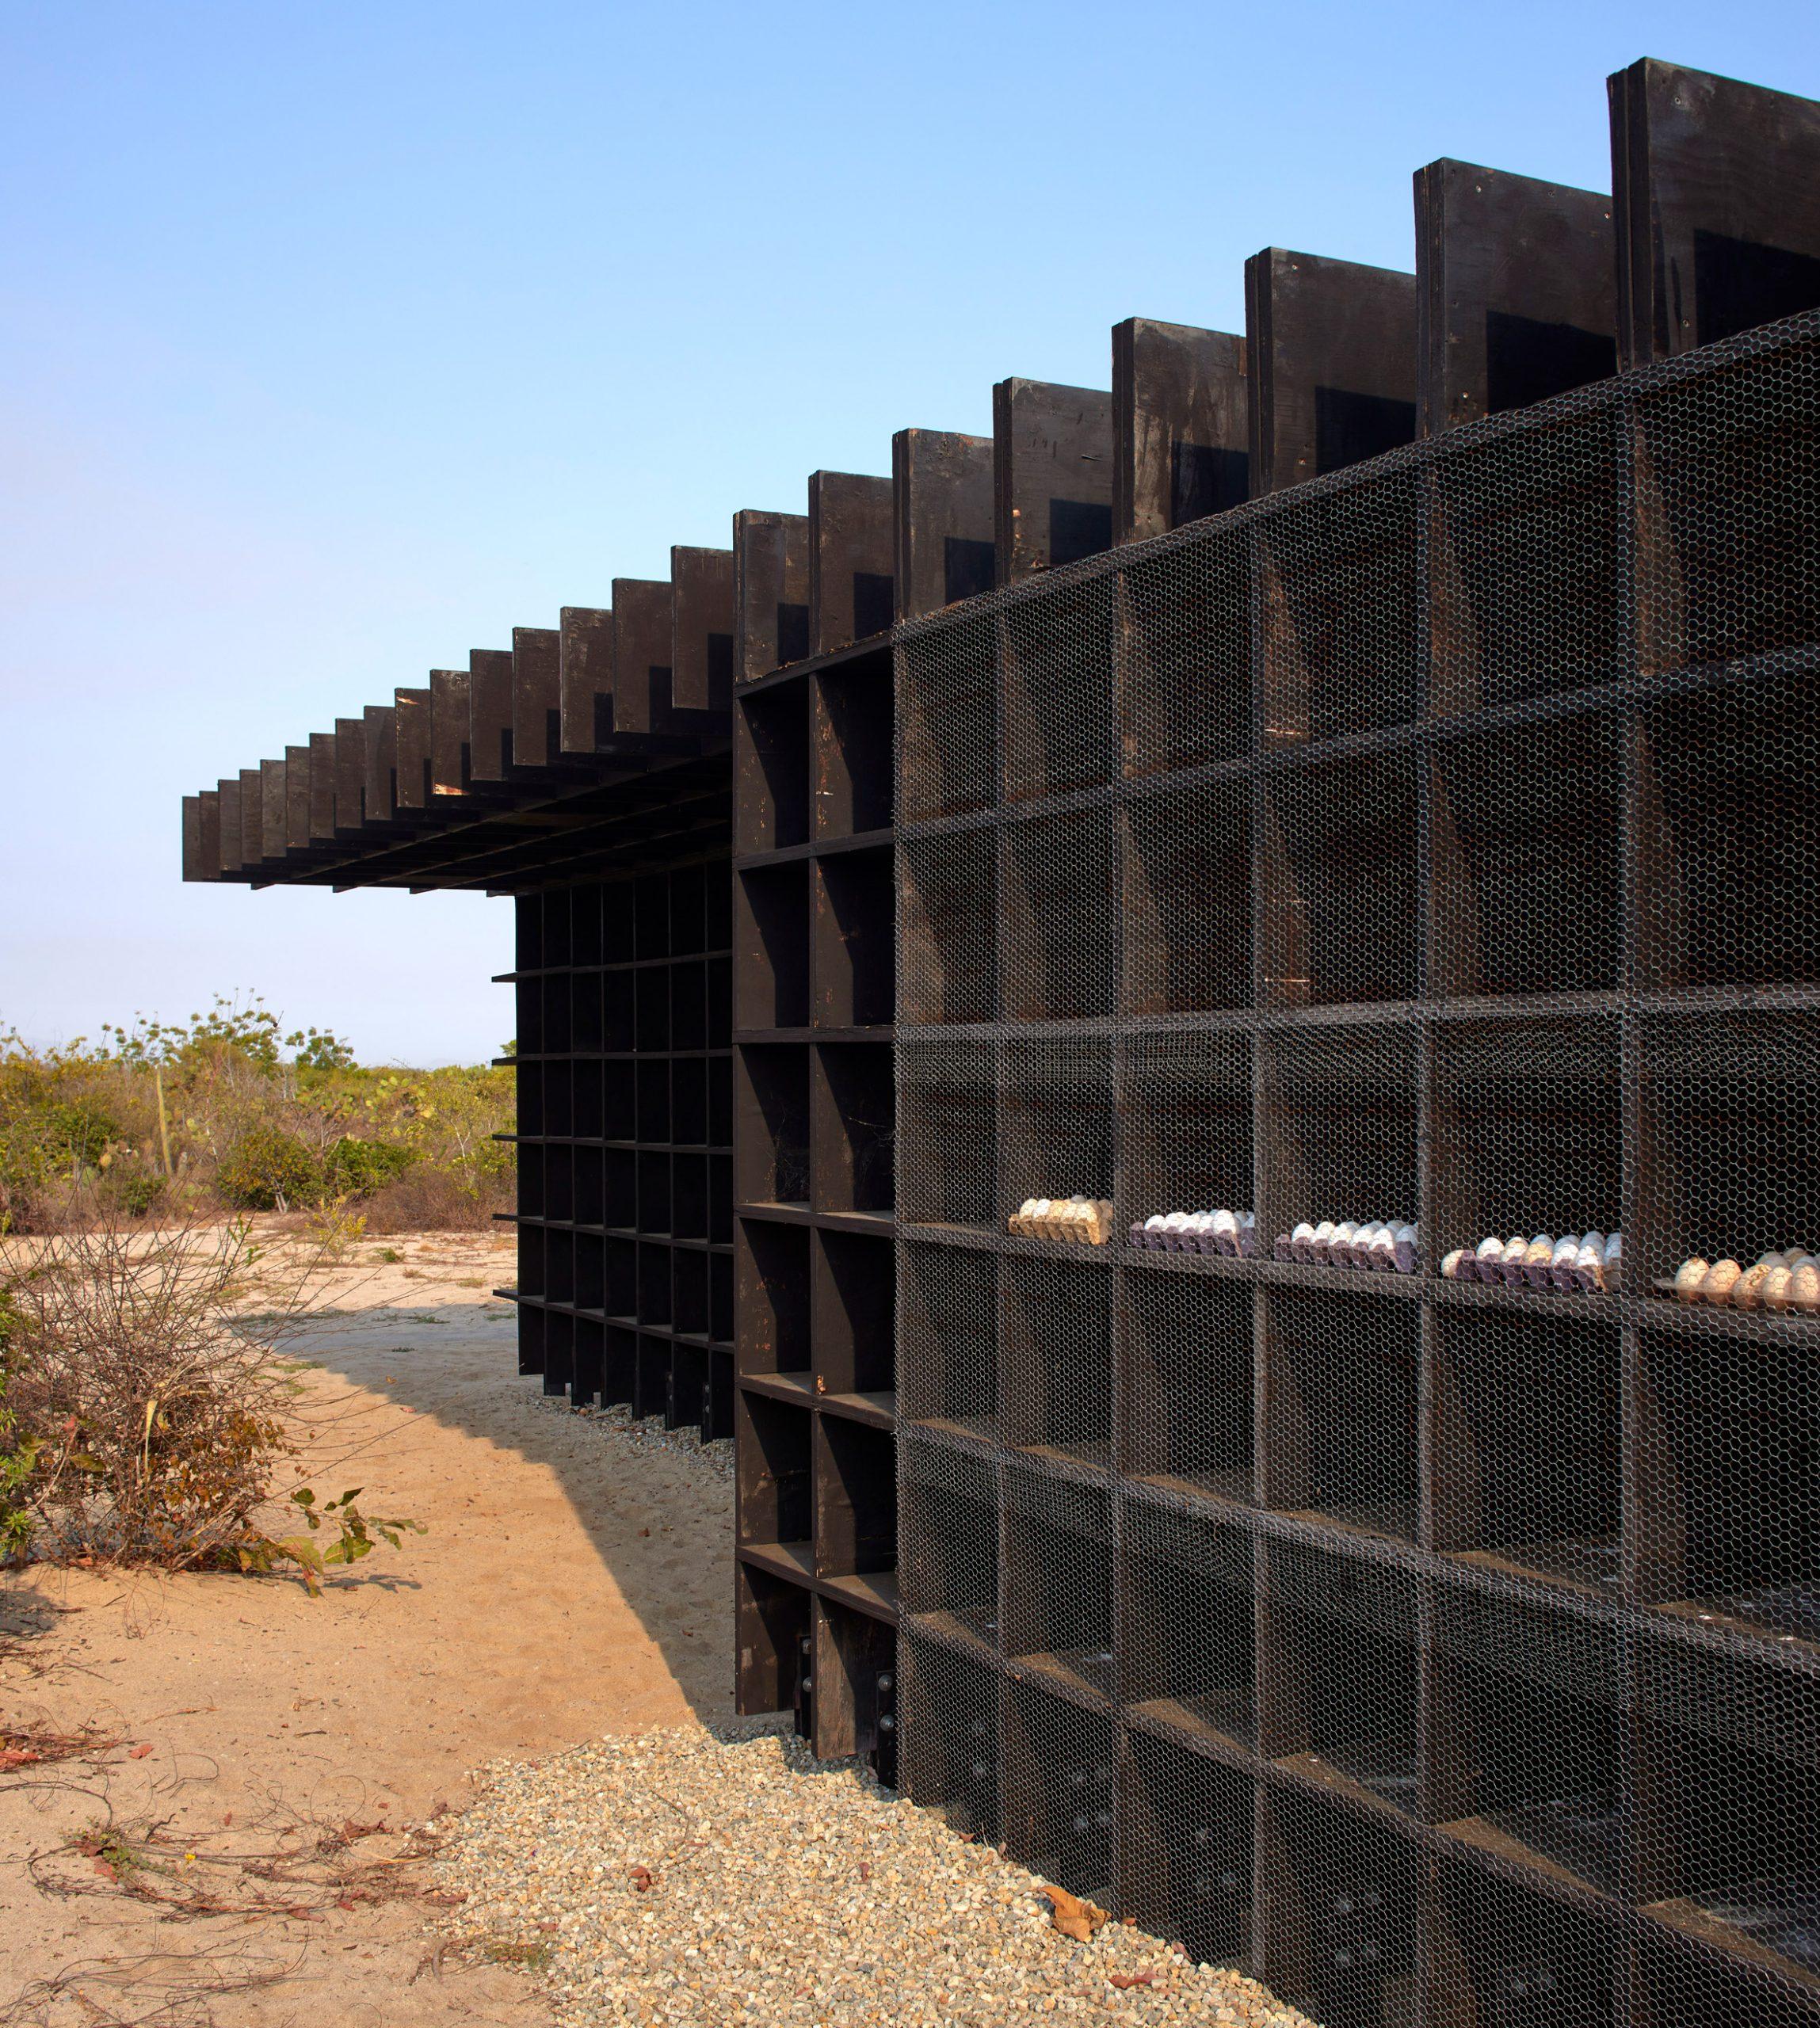 Це зображення має порожній атрибут alt; ім'я файлу casa-wabi-coop-kengo-kuma-architecture-mexico-edmund-sumner-dezeen-2364-col-5-scaled.jpg